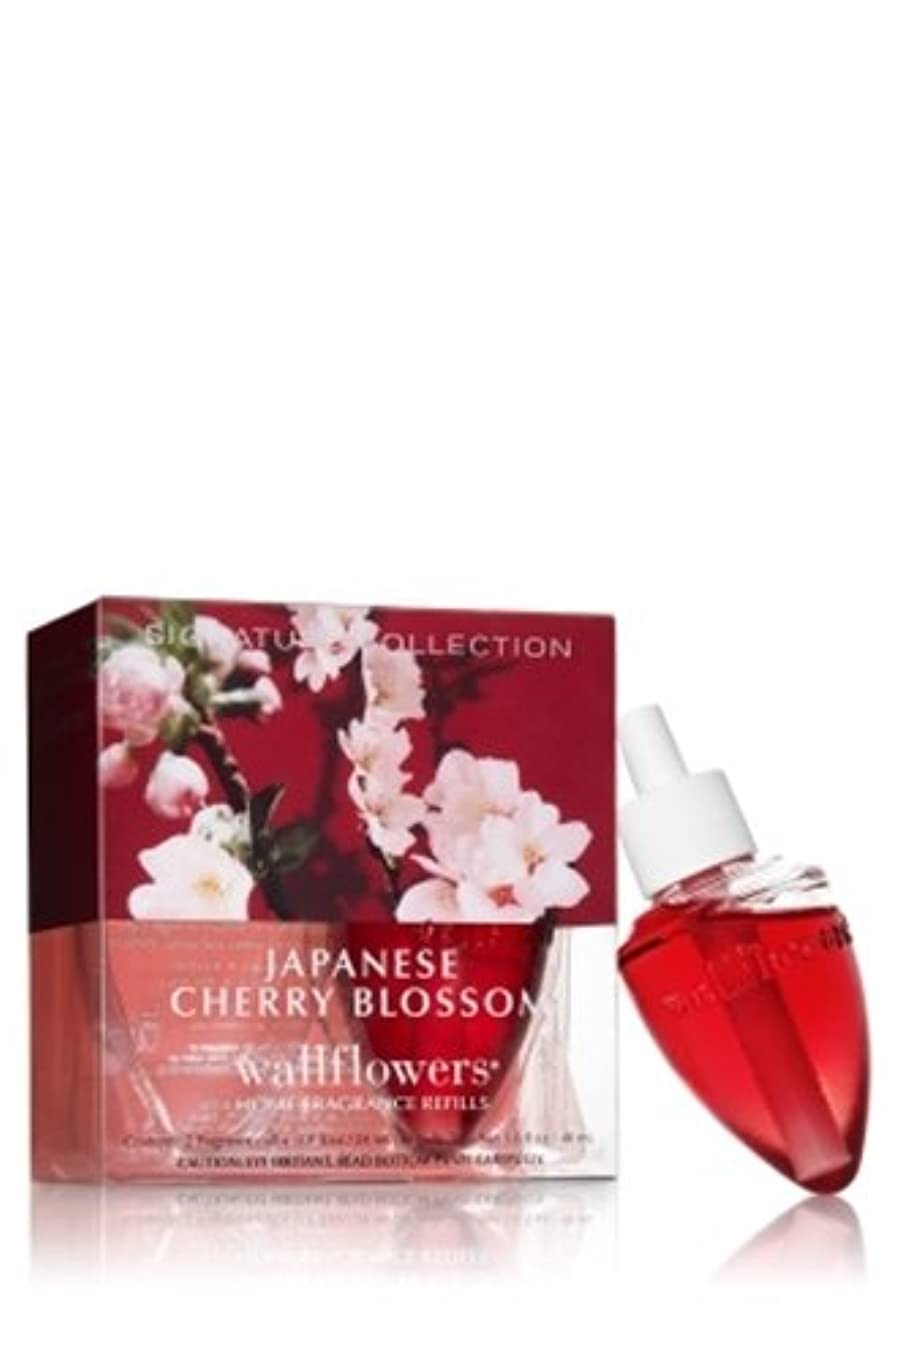 曲げる貸し手奴隷Bath & Body Works(バス&ボディワークス)ジャパニーズチェリーブロッサム ホームフレグランス レフィル2本セット(本体は別売りです)Japanese Cherry Blossom Wallflowers...